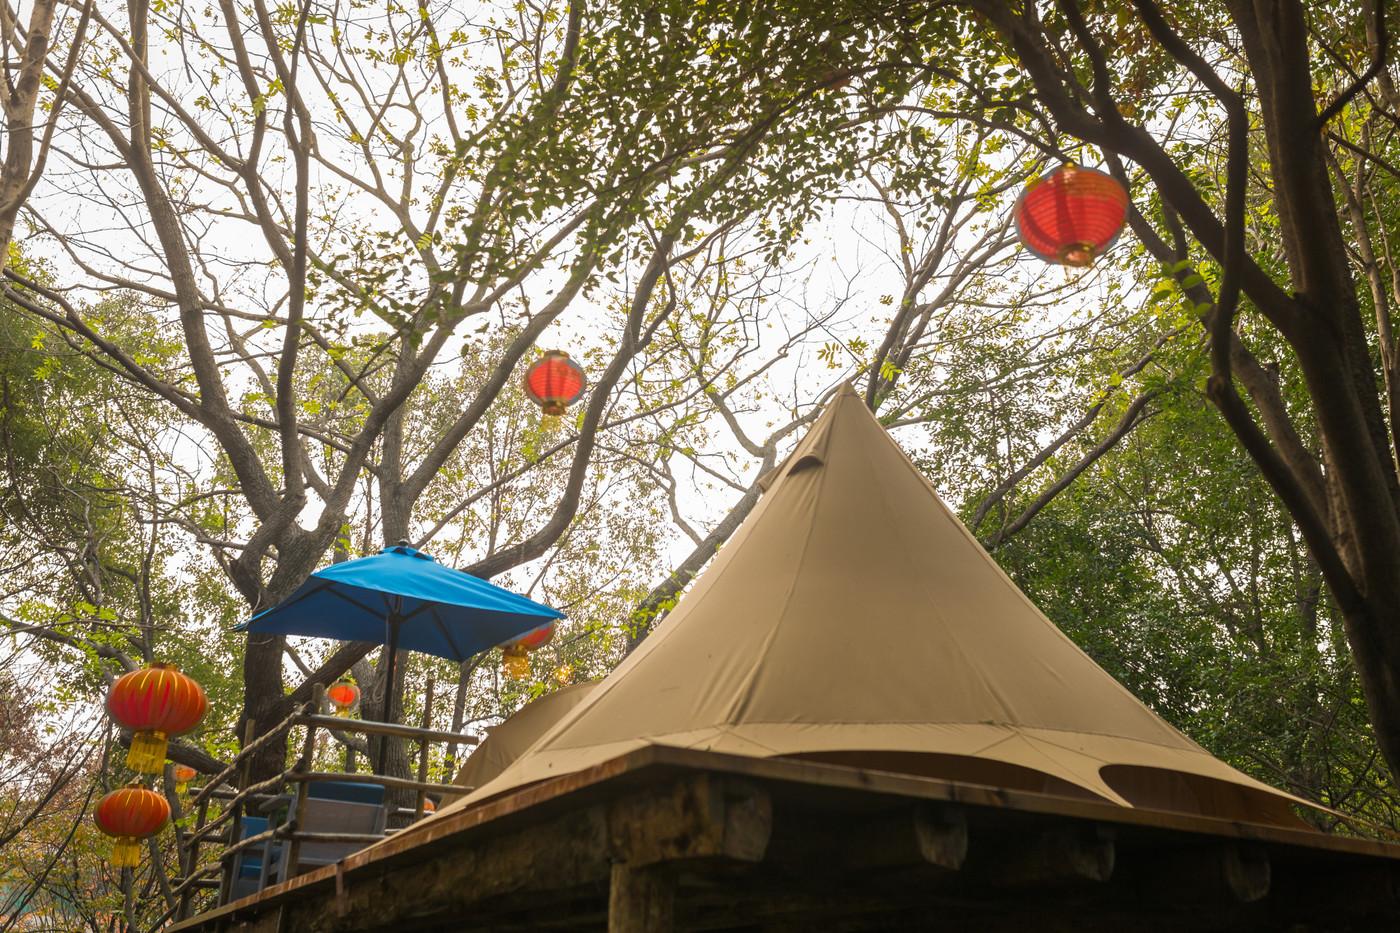 喜马拉雅野奢帐篷酒店—江苏常州天目湖树屋22